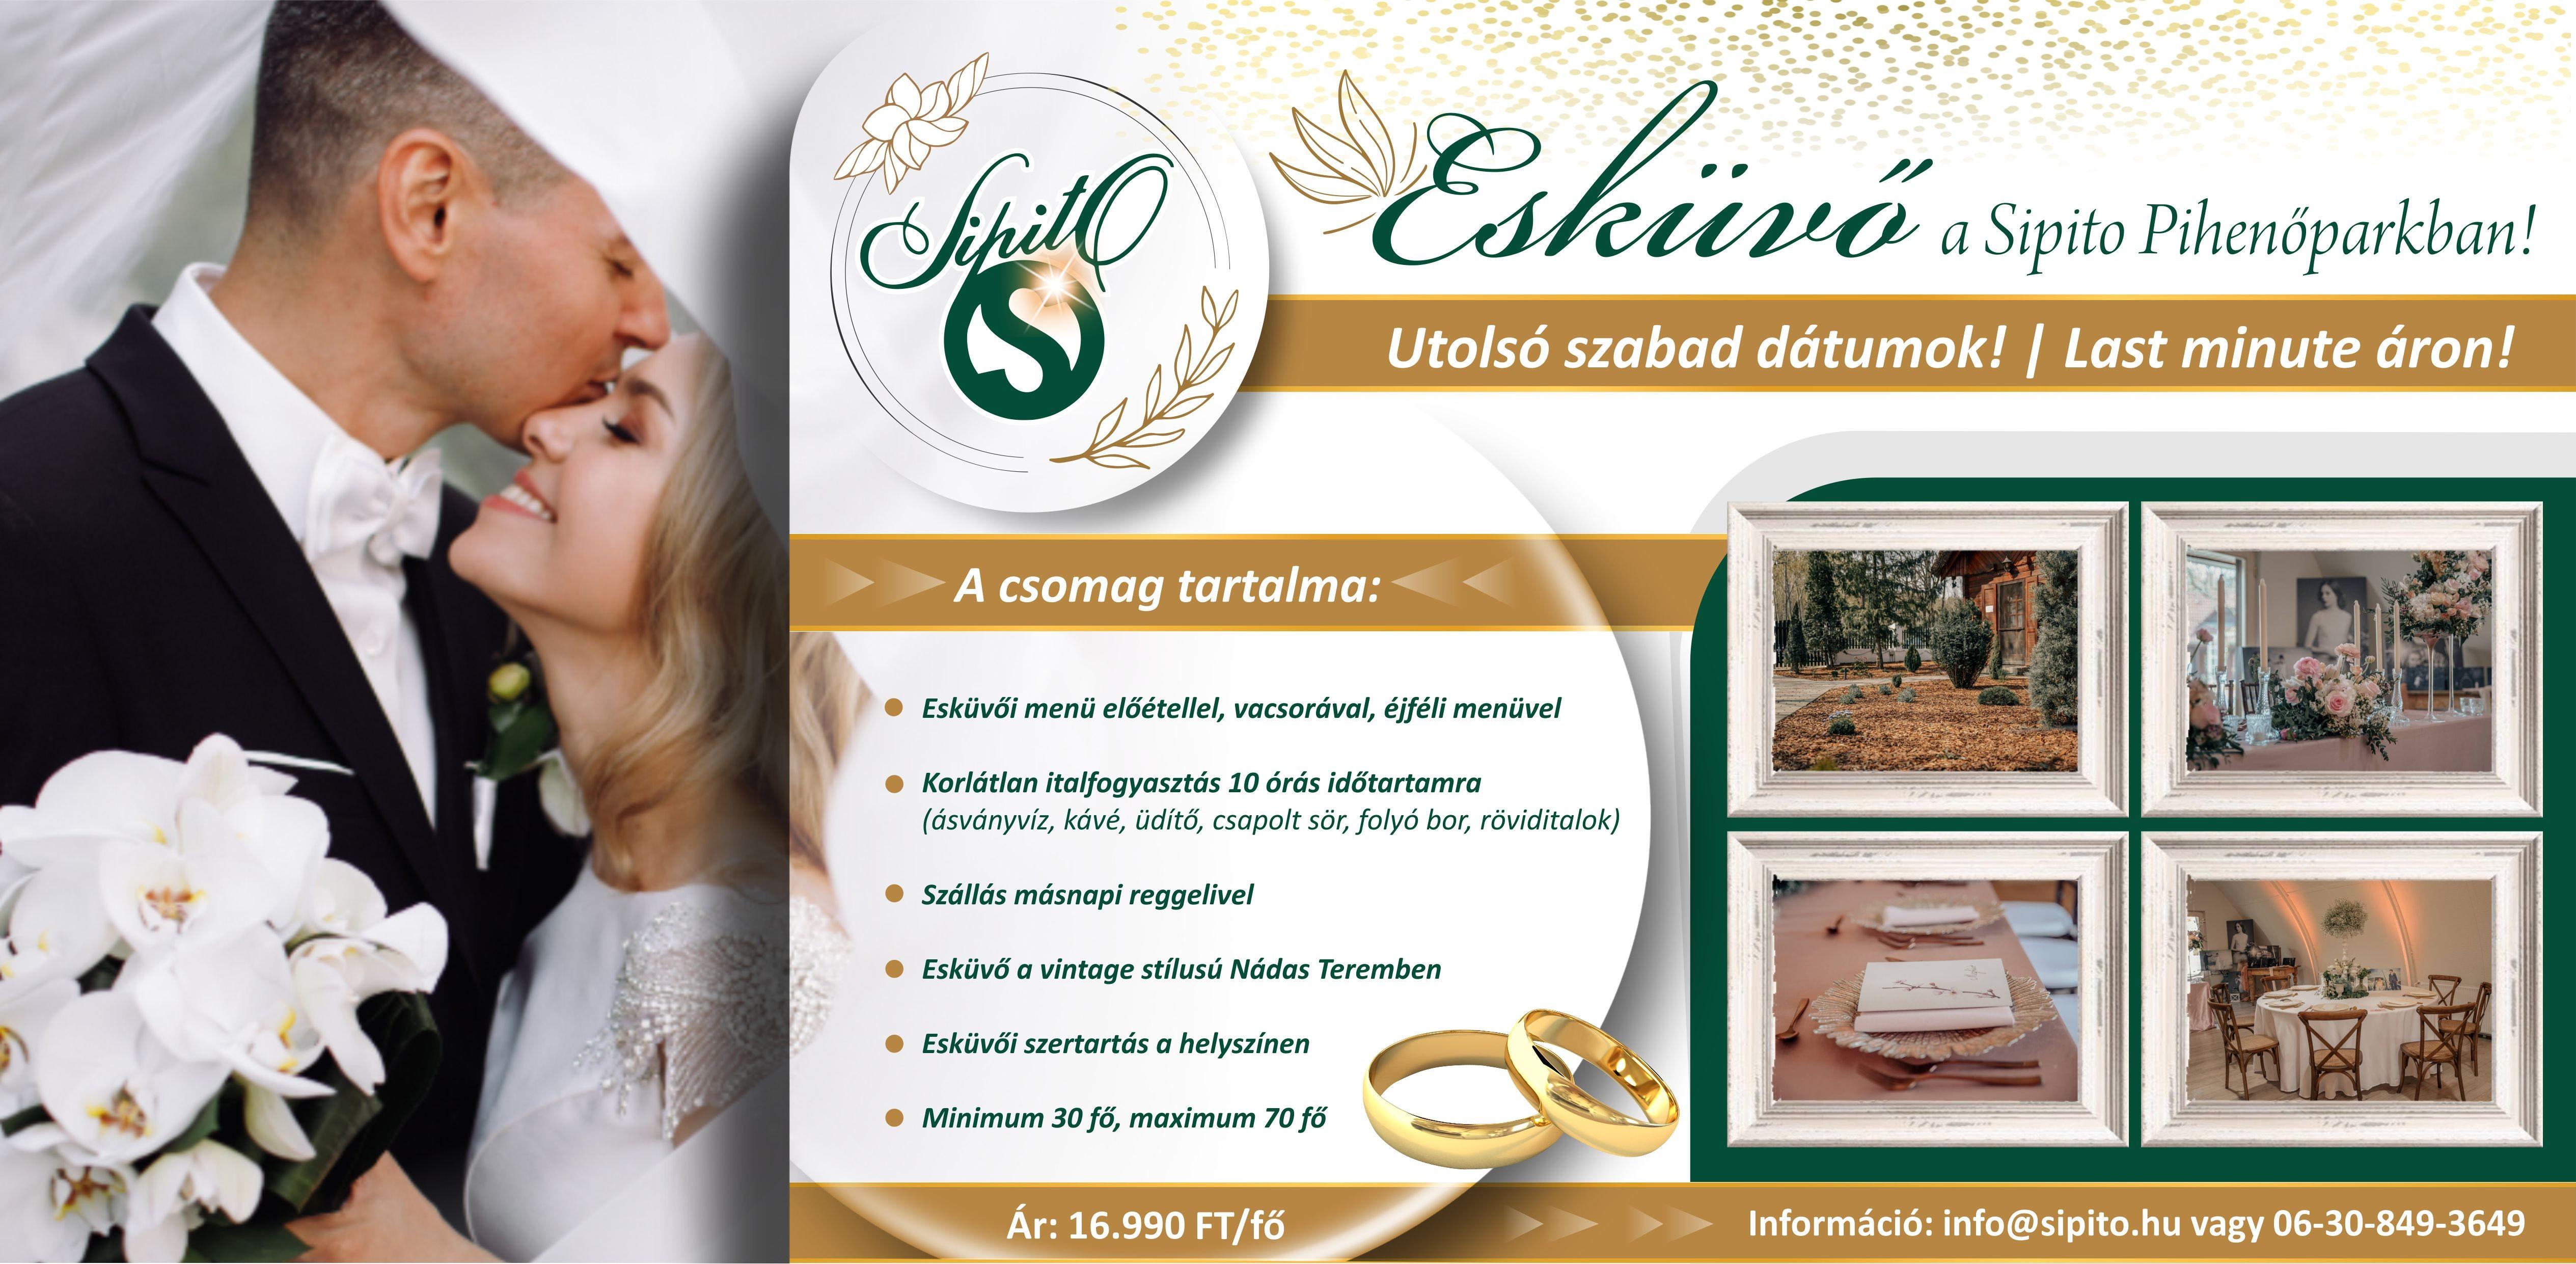 Esküvő helyszín | Akciós esküvői ajánlat a SIPITO Pihenőparkban